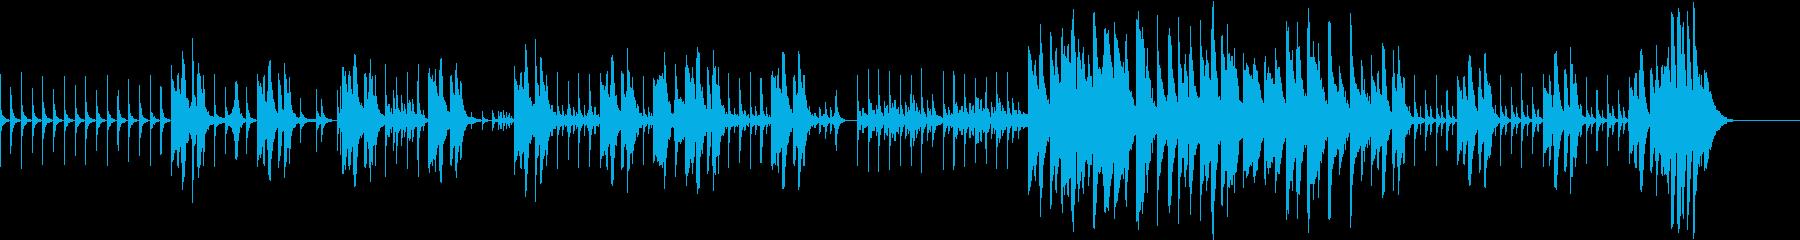 独特な緊迫感のあるBGMの再生済みの波形